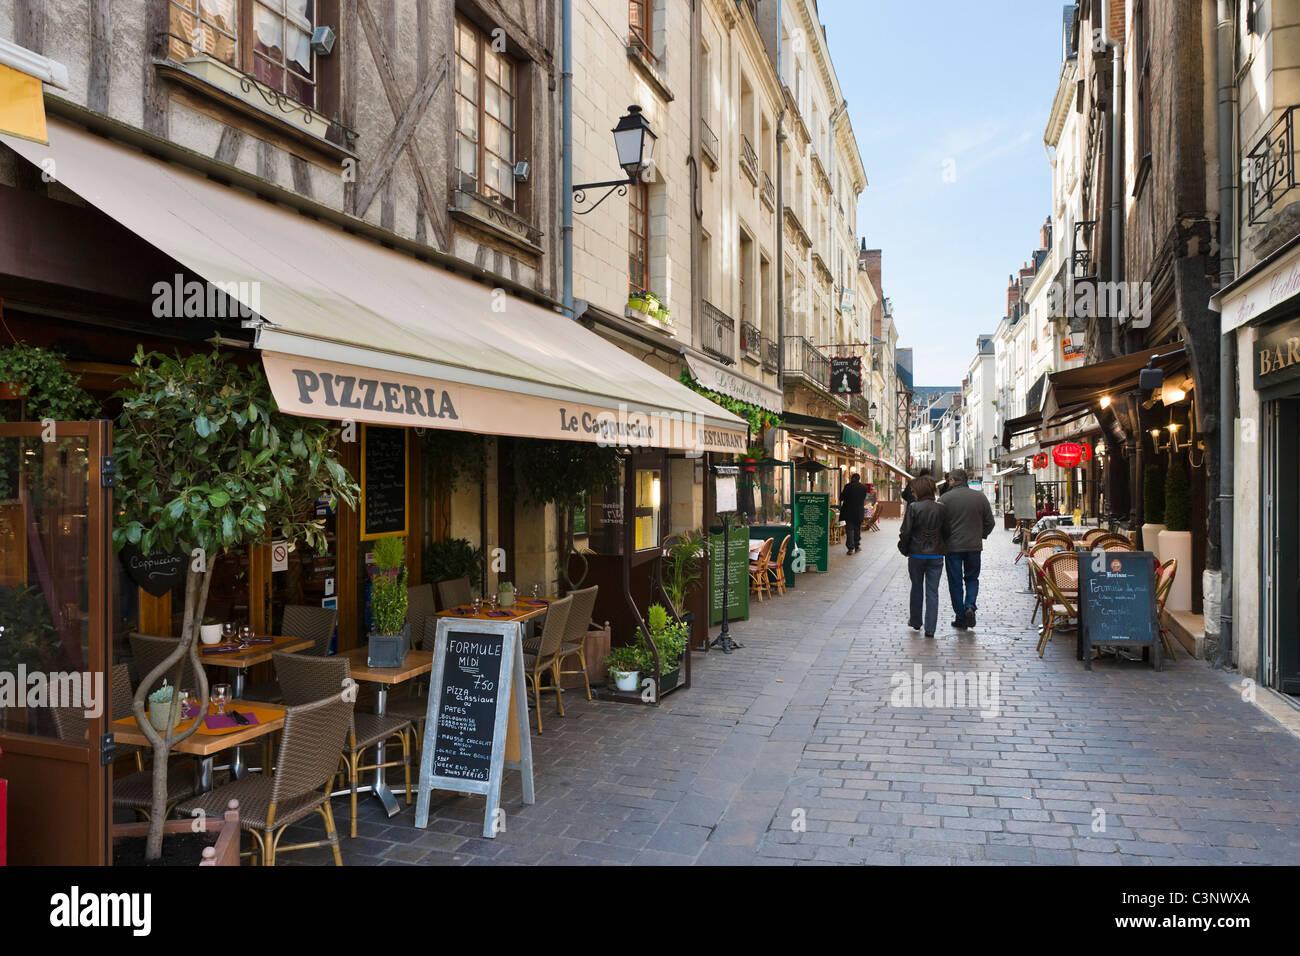 Restaurants on Rue de la Rotisserie near Place Plumereau in the old quarter of the city, Tours, Indre et Loire, - Stock Image